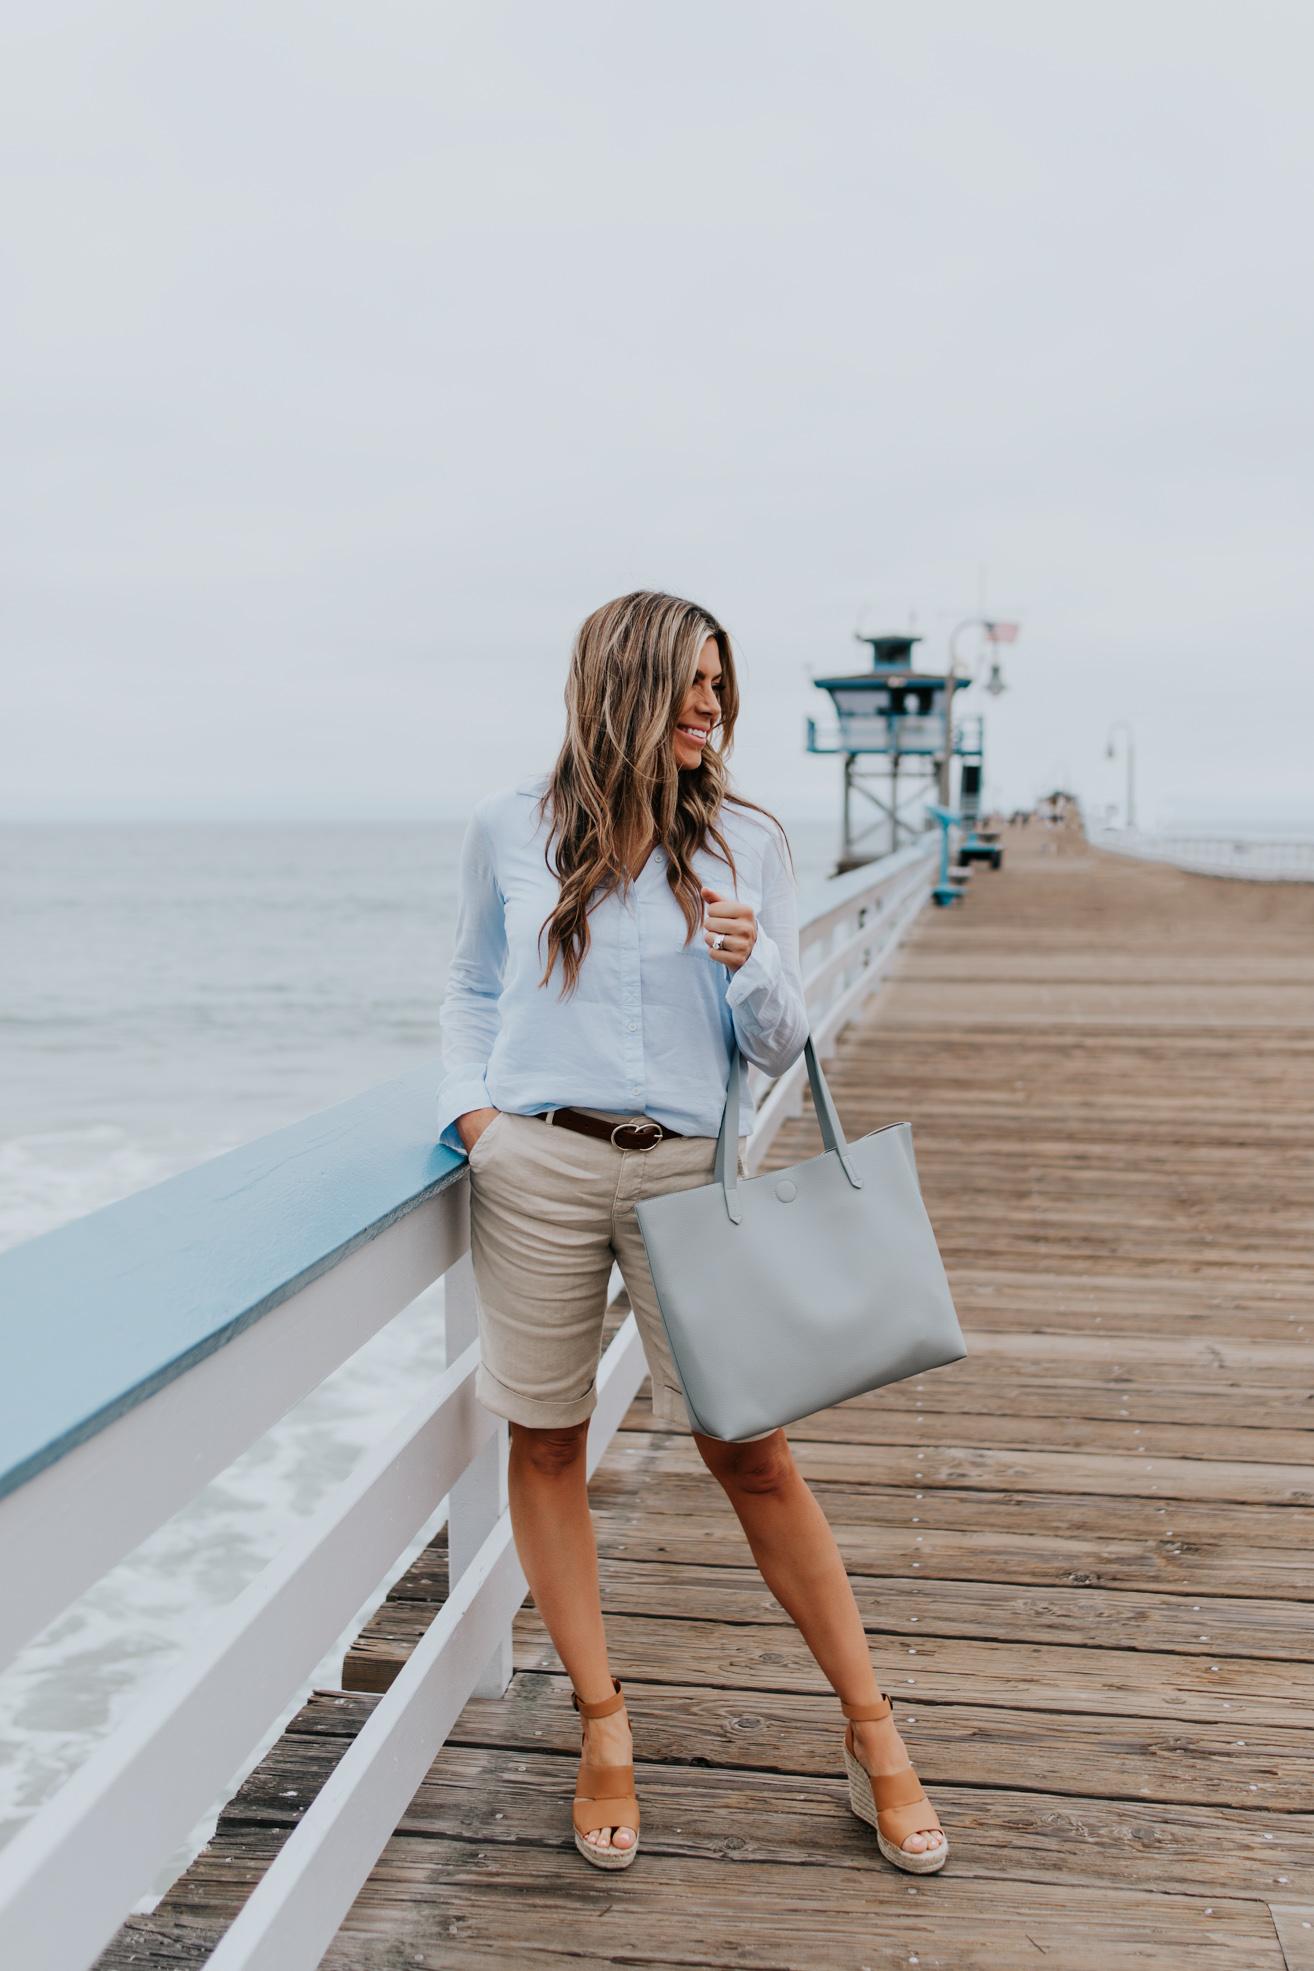 quần shorts nữ bermuda chất liệu line màu be áo sơmi xanh